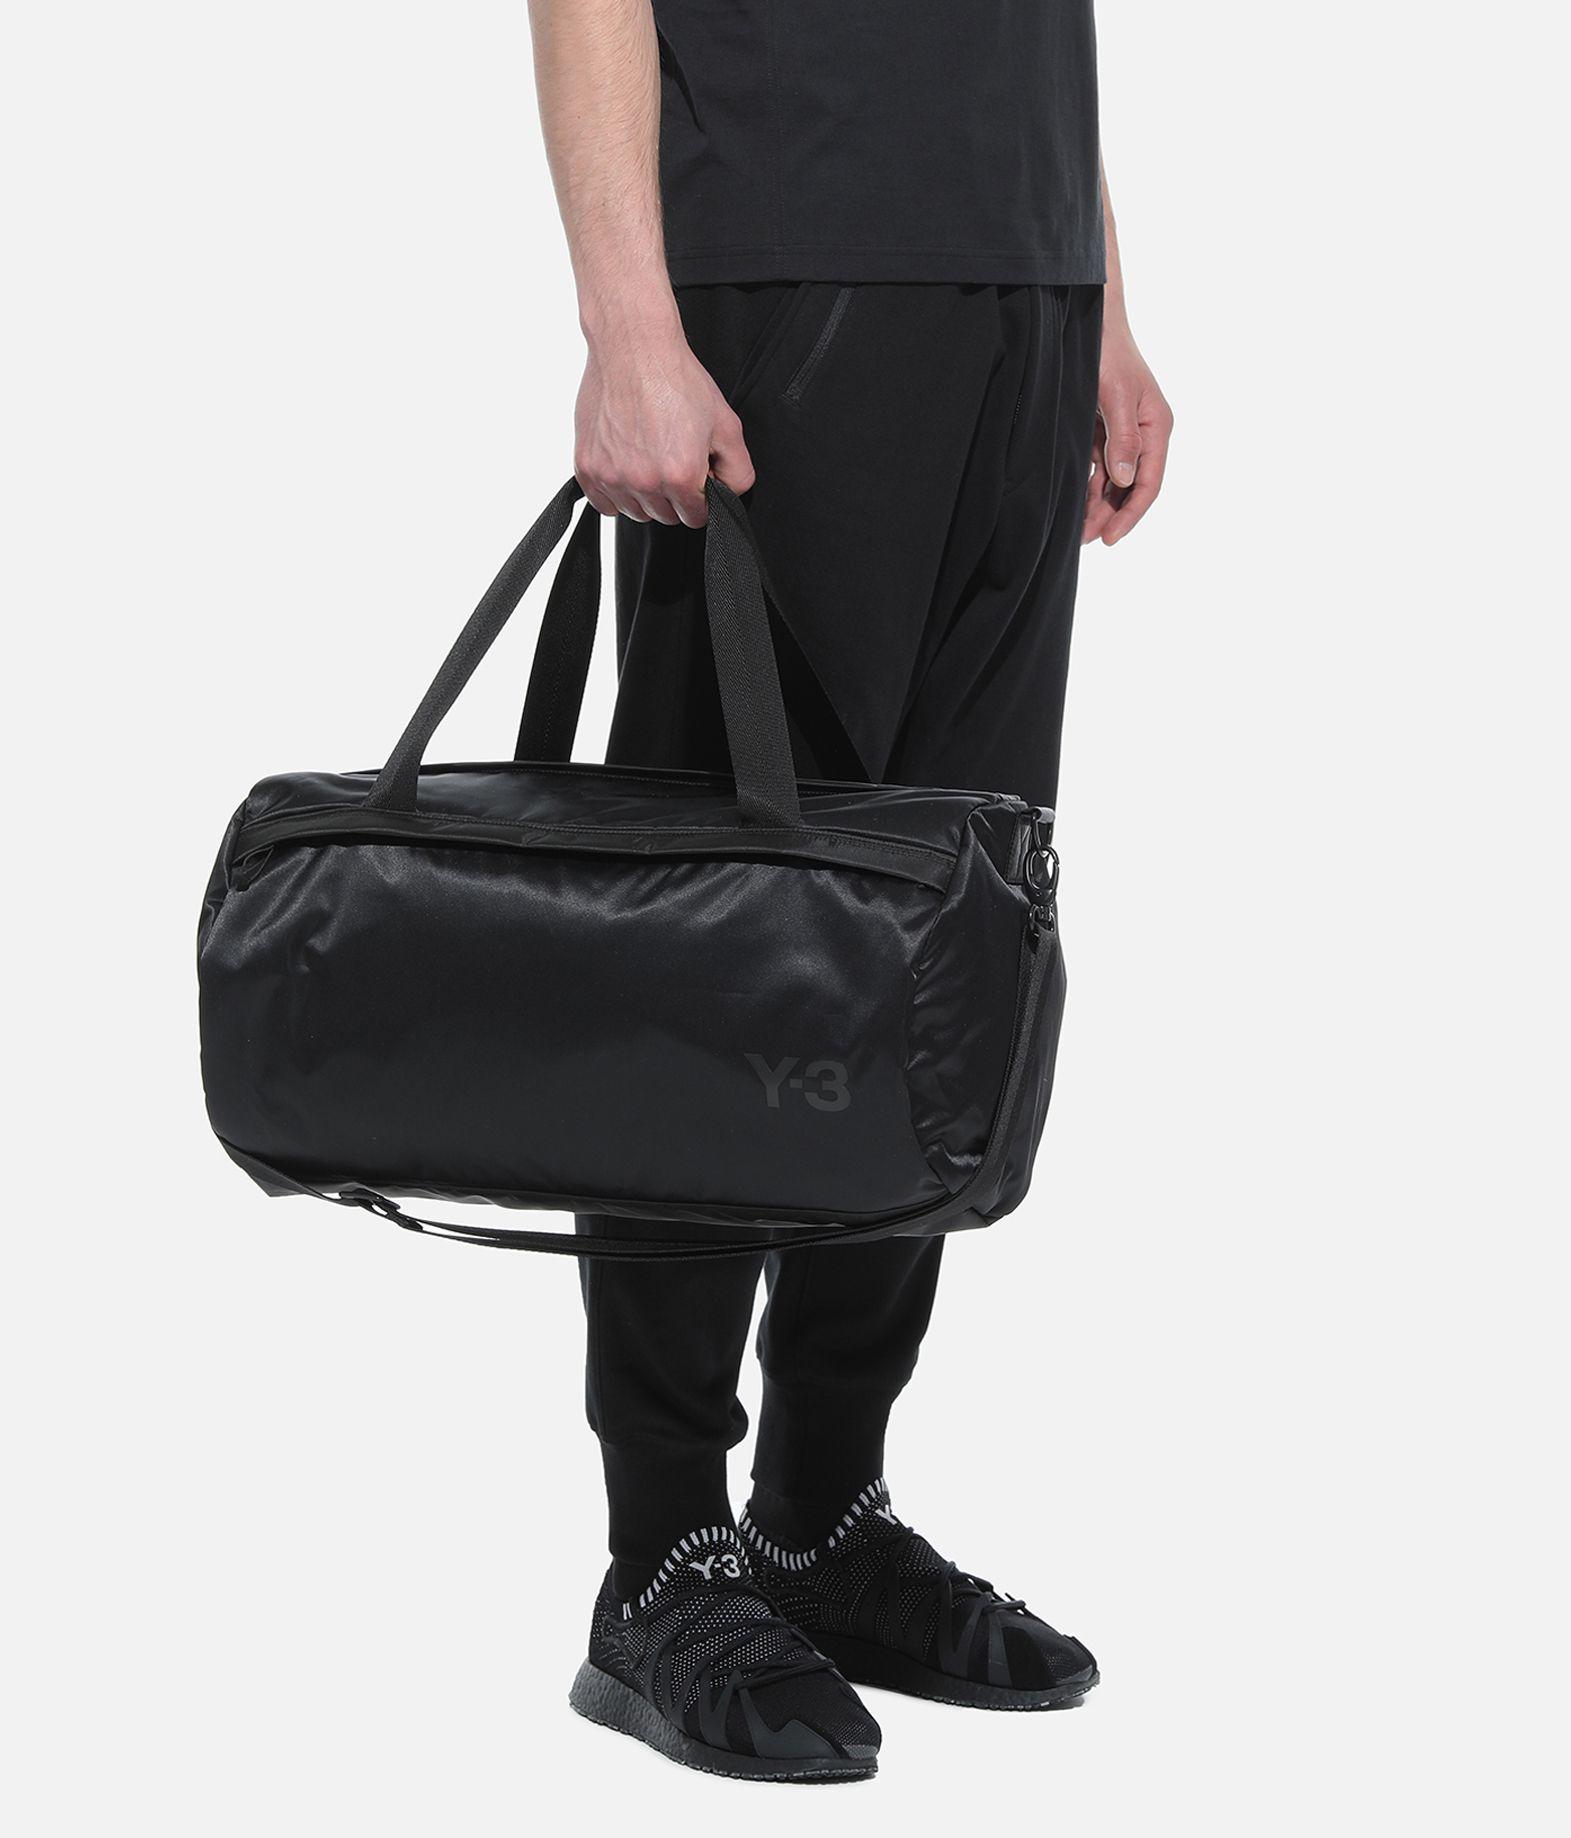 Y-3 Y-3 Gym Bag ジム用バッグ E r